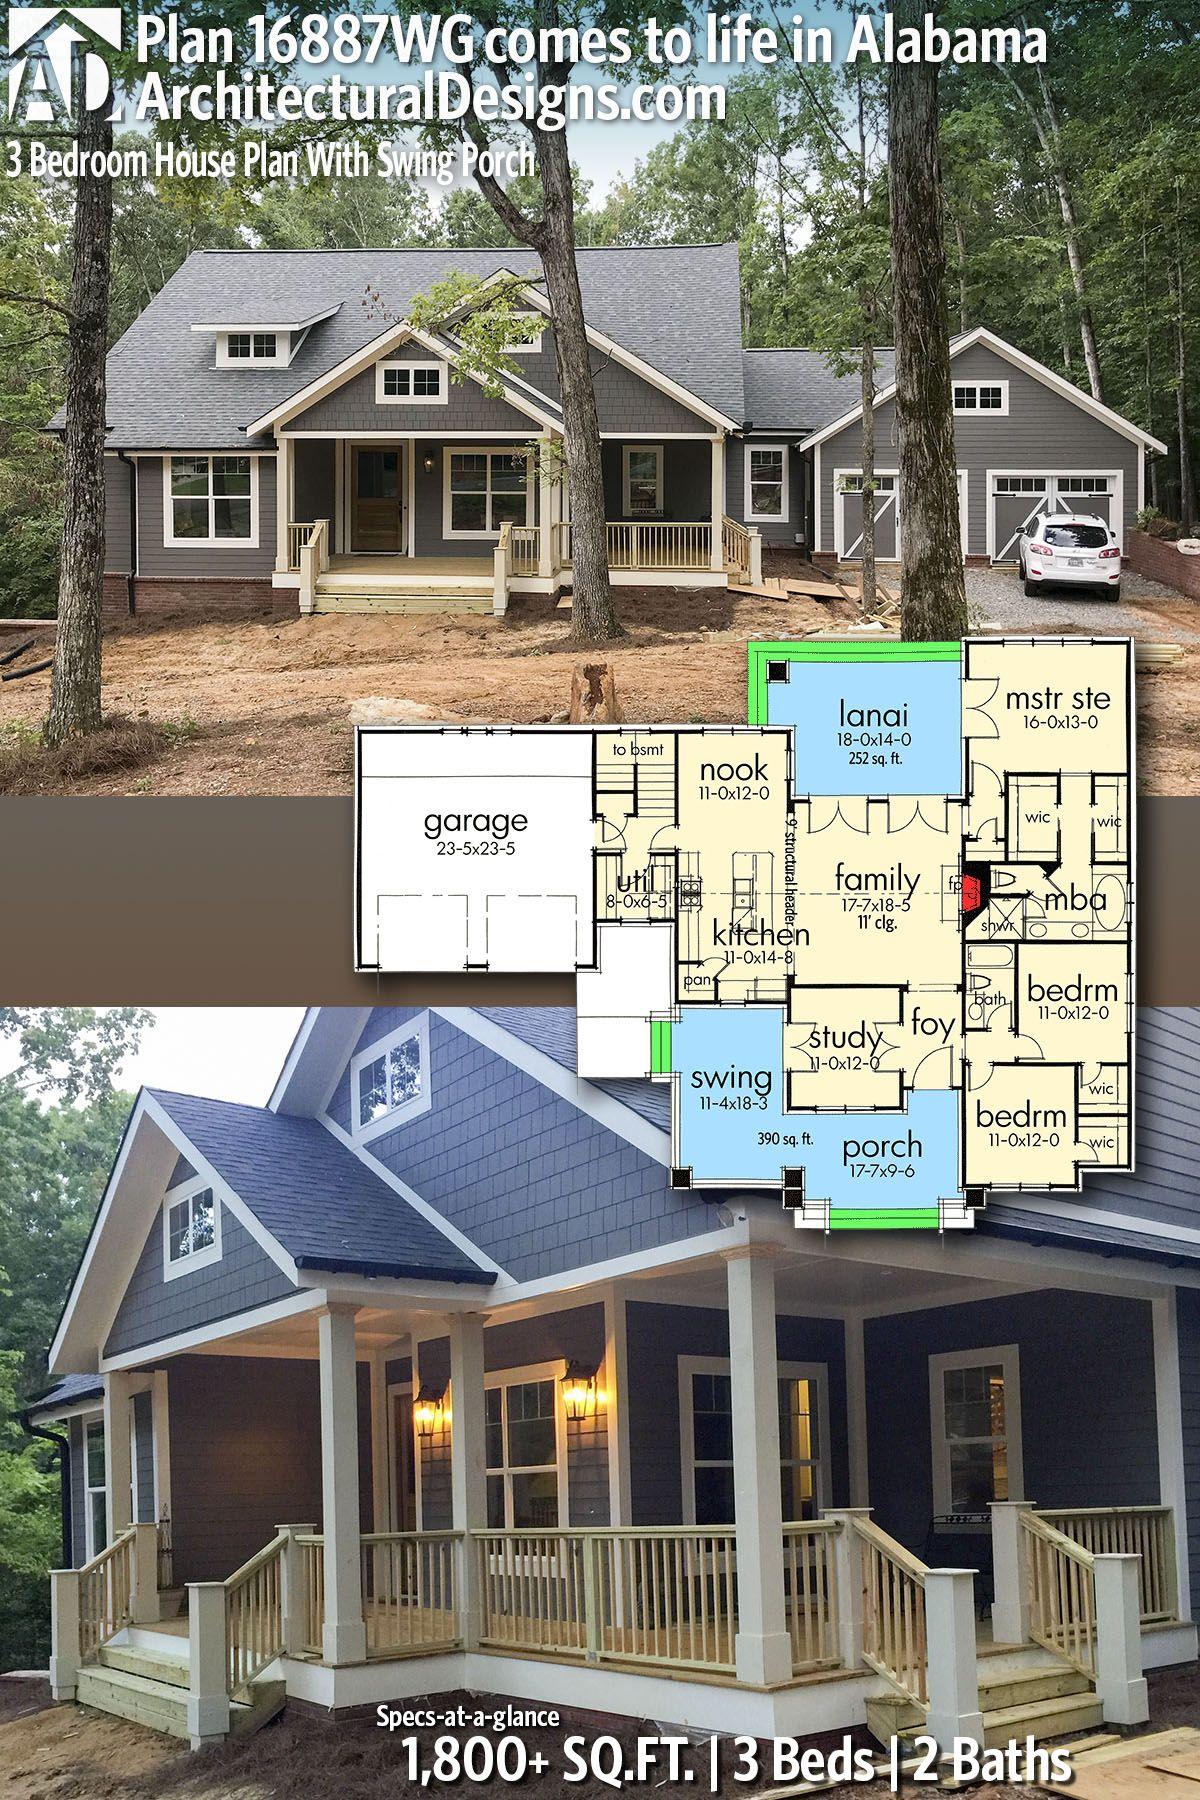 Architectural Designs Craftsman House Plan 16887WG under